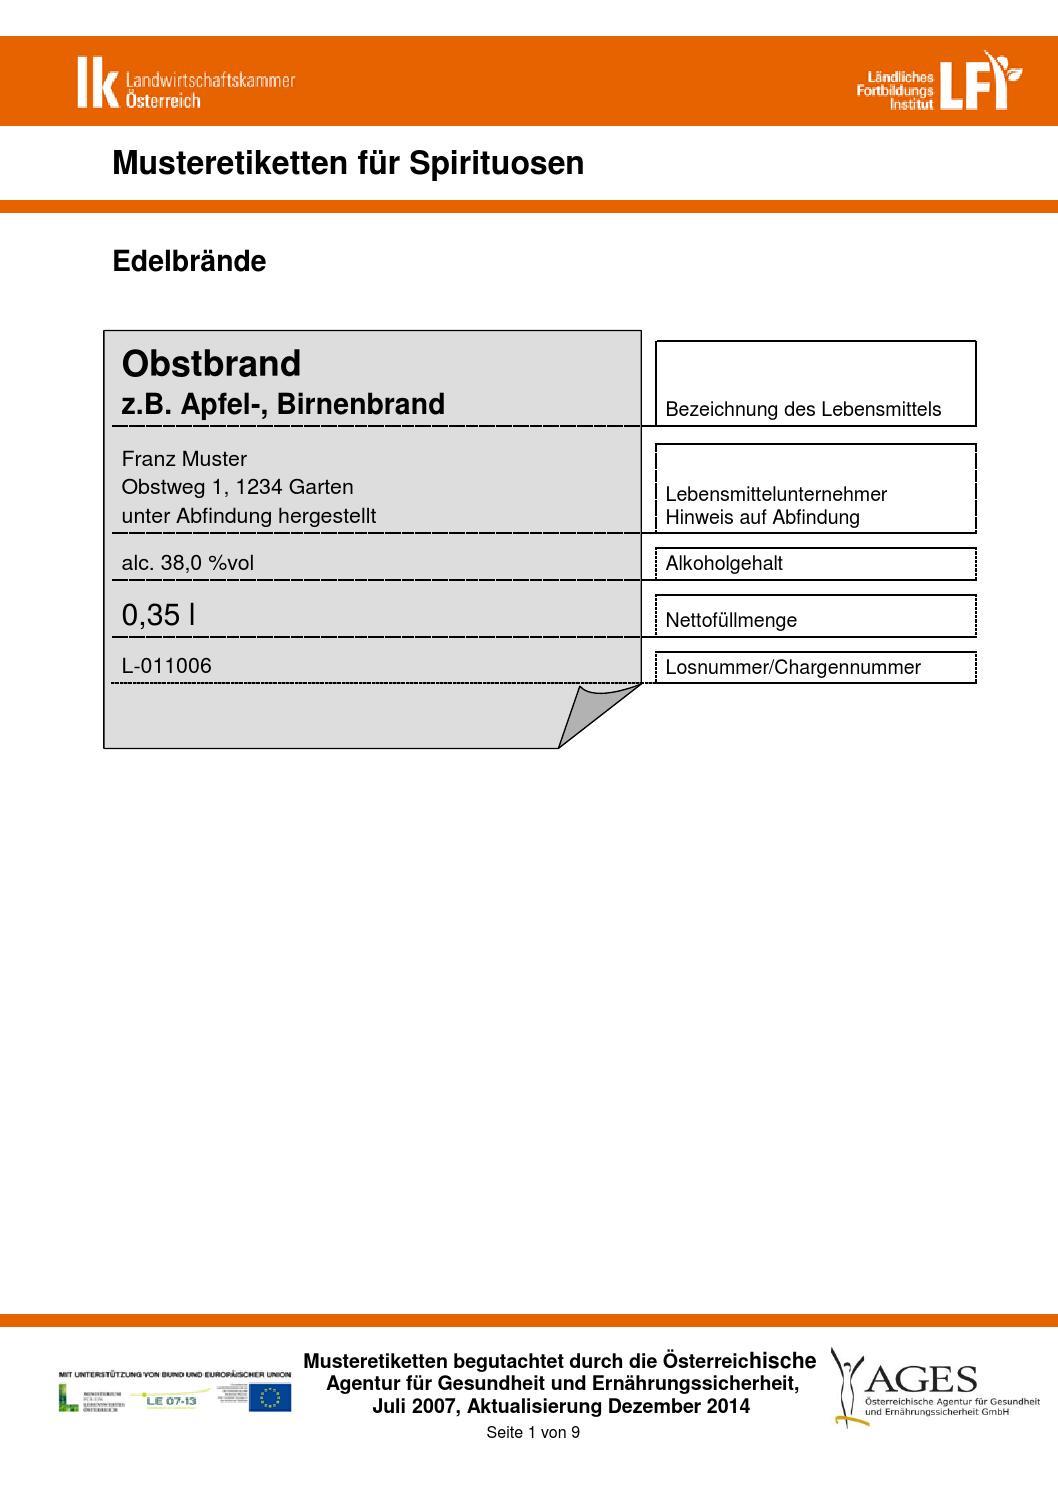 Musteretiketten spirituosen 171214 by Hygiene bei Edelbrennern - issuu